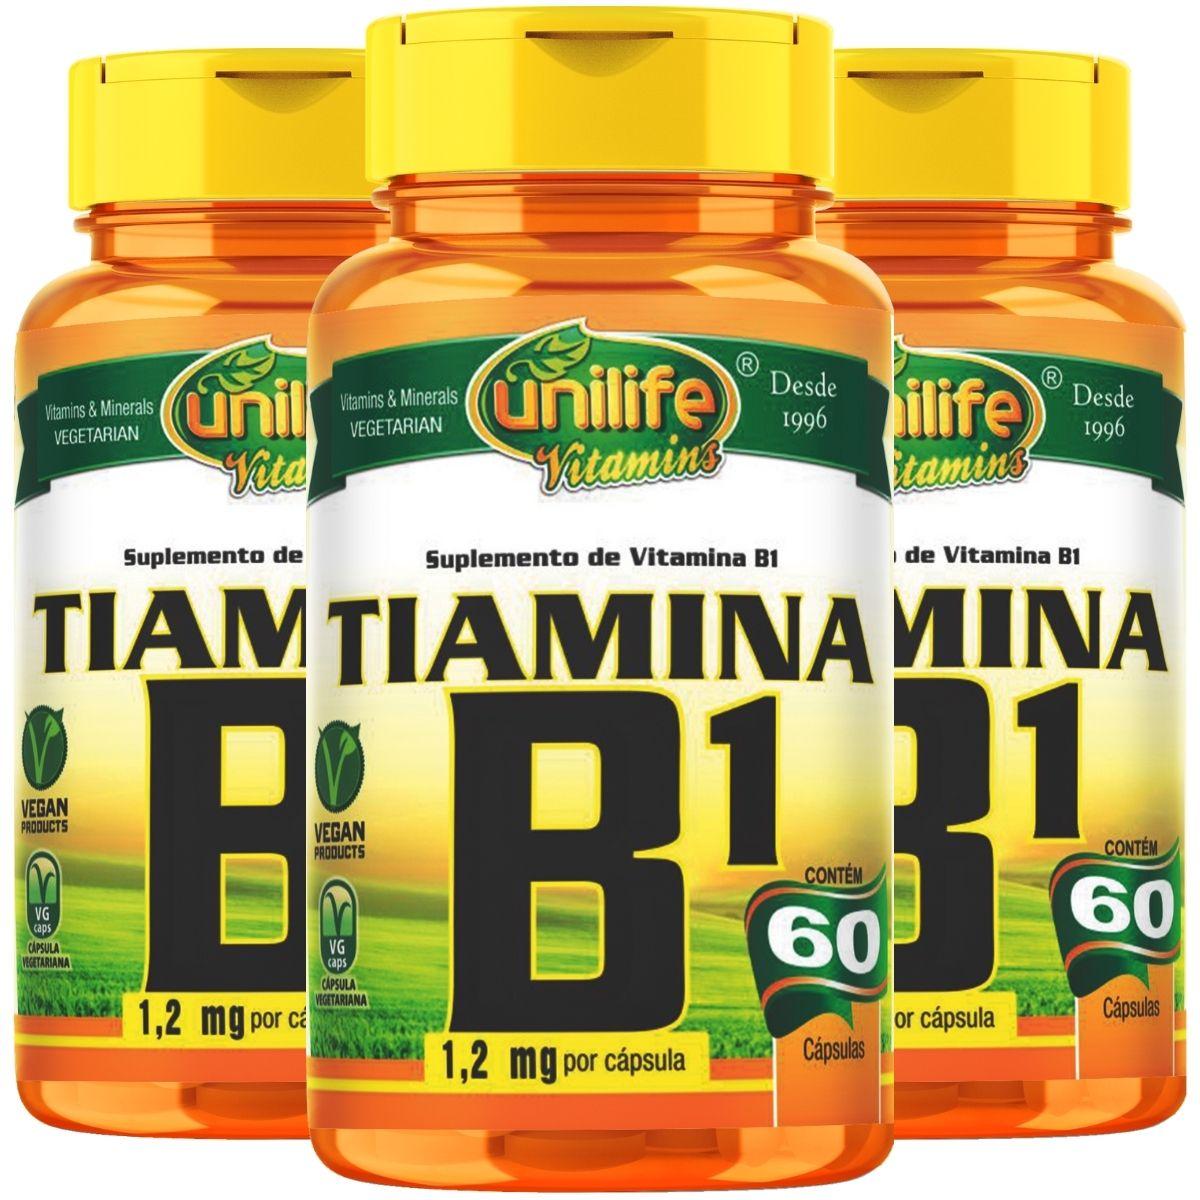 Kit 3 Vitamina B1 Tiamina 60 Cápsulas 500mg - Unilife